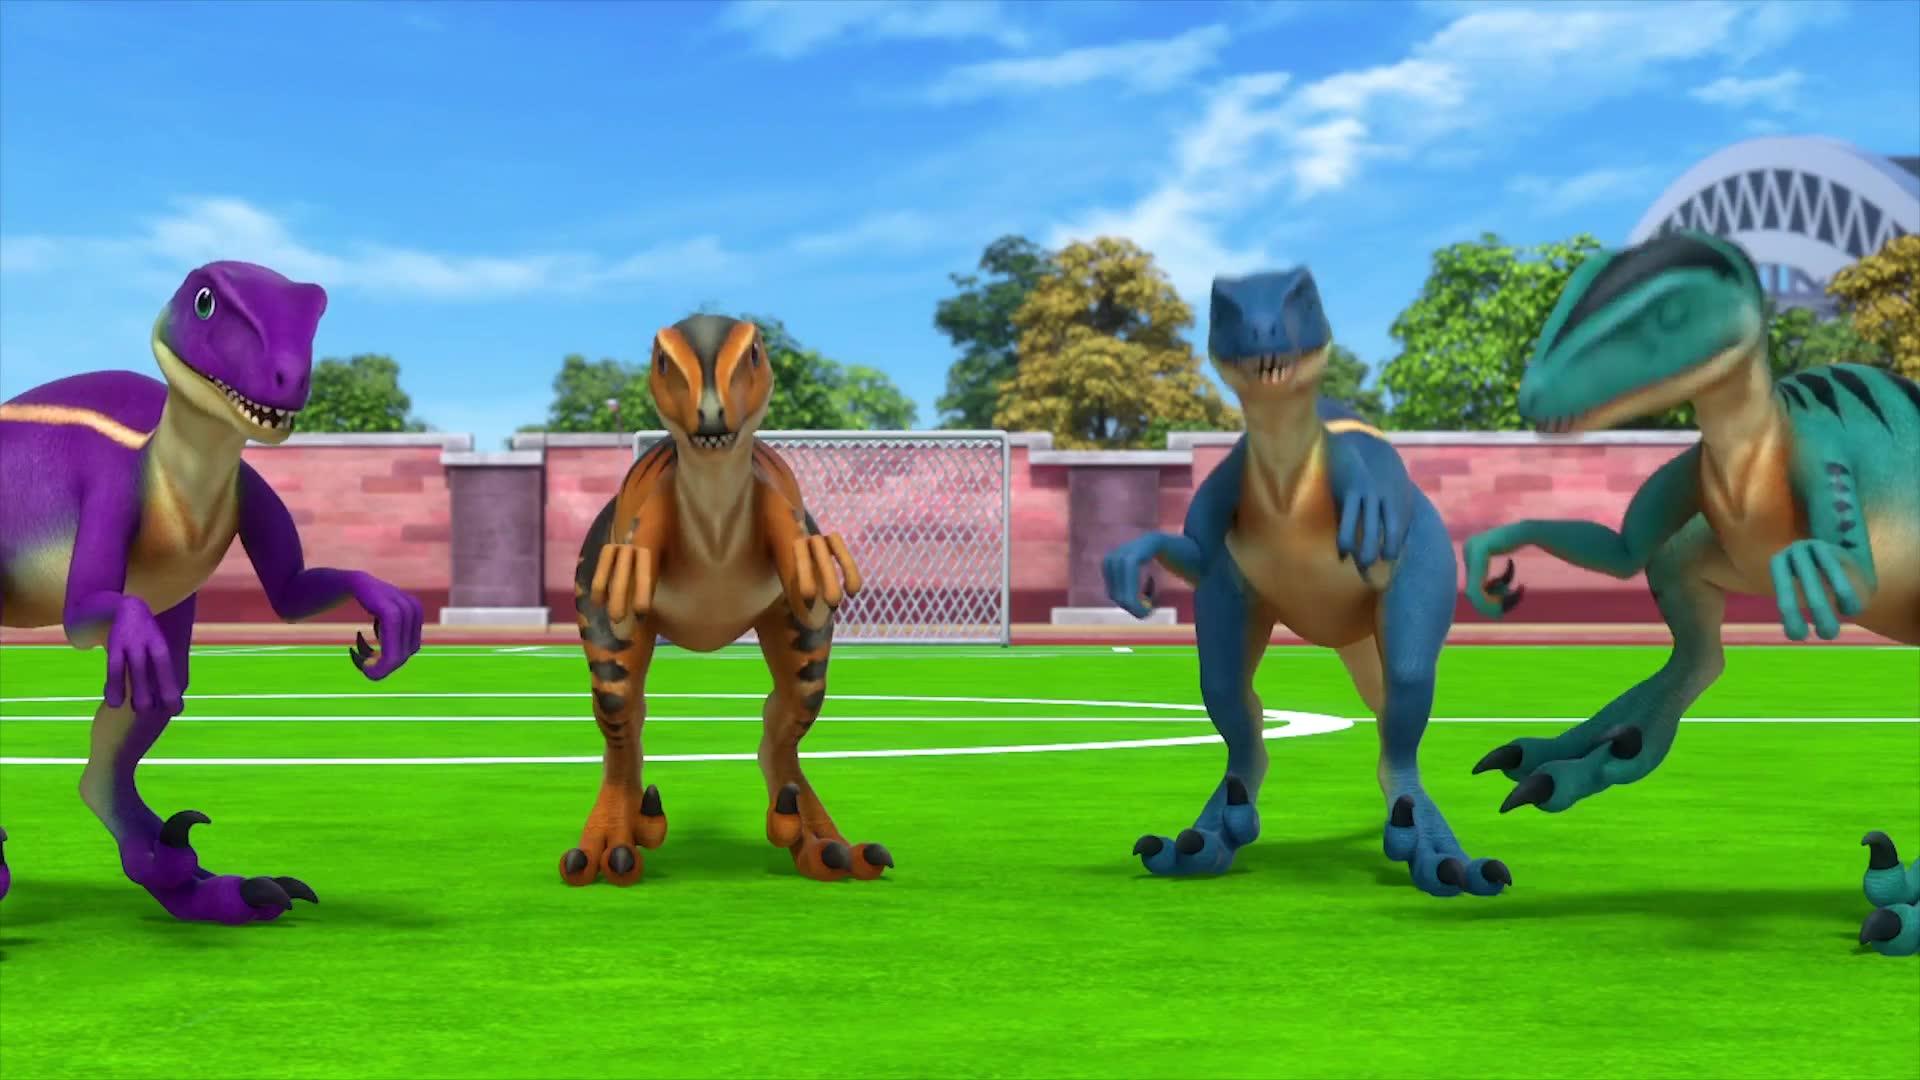 14화 공룡들과 축구해요!